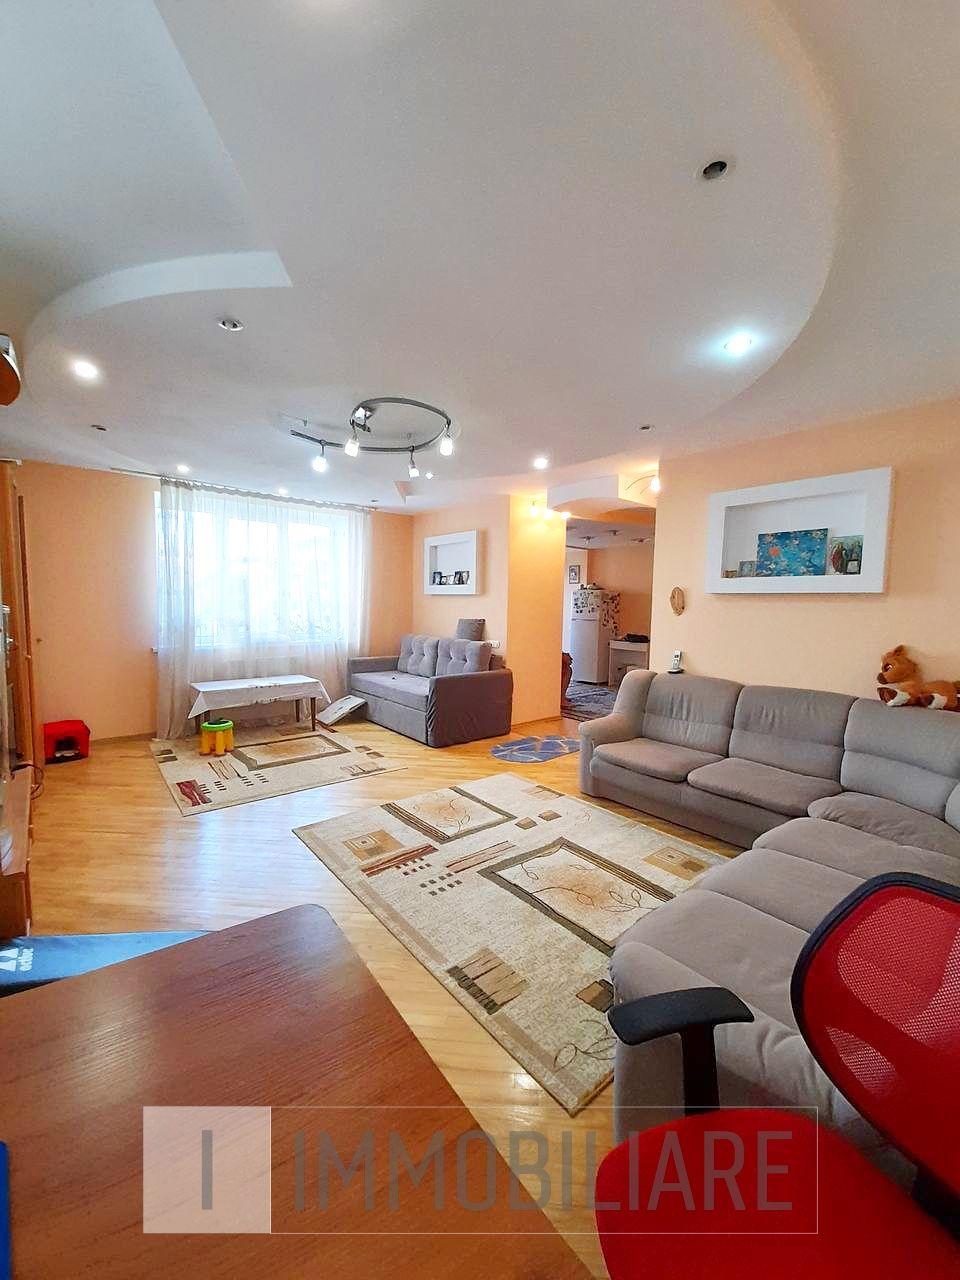 Apartament cu 3 camere, sect. Centru, str. Ion Inculeț.